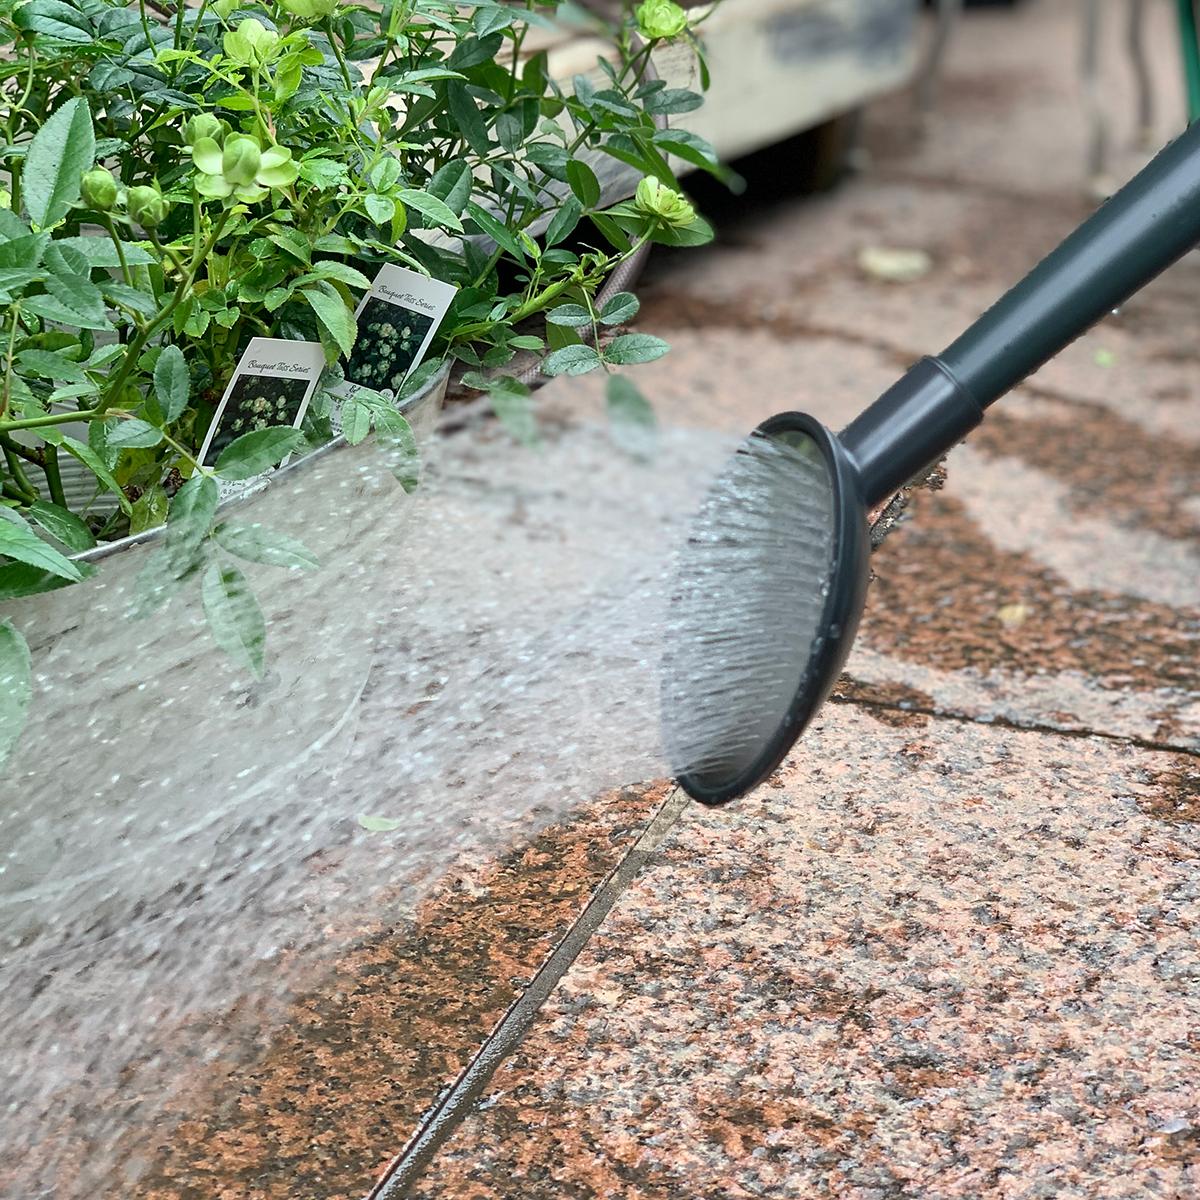 面倒だった植物への水やりが、ジョウロ一つで、楽しみに変わる。植物にやさしい、繊細な雨のような自然な水流のジョウロ|Royal Gardeners Club